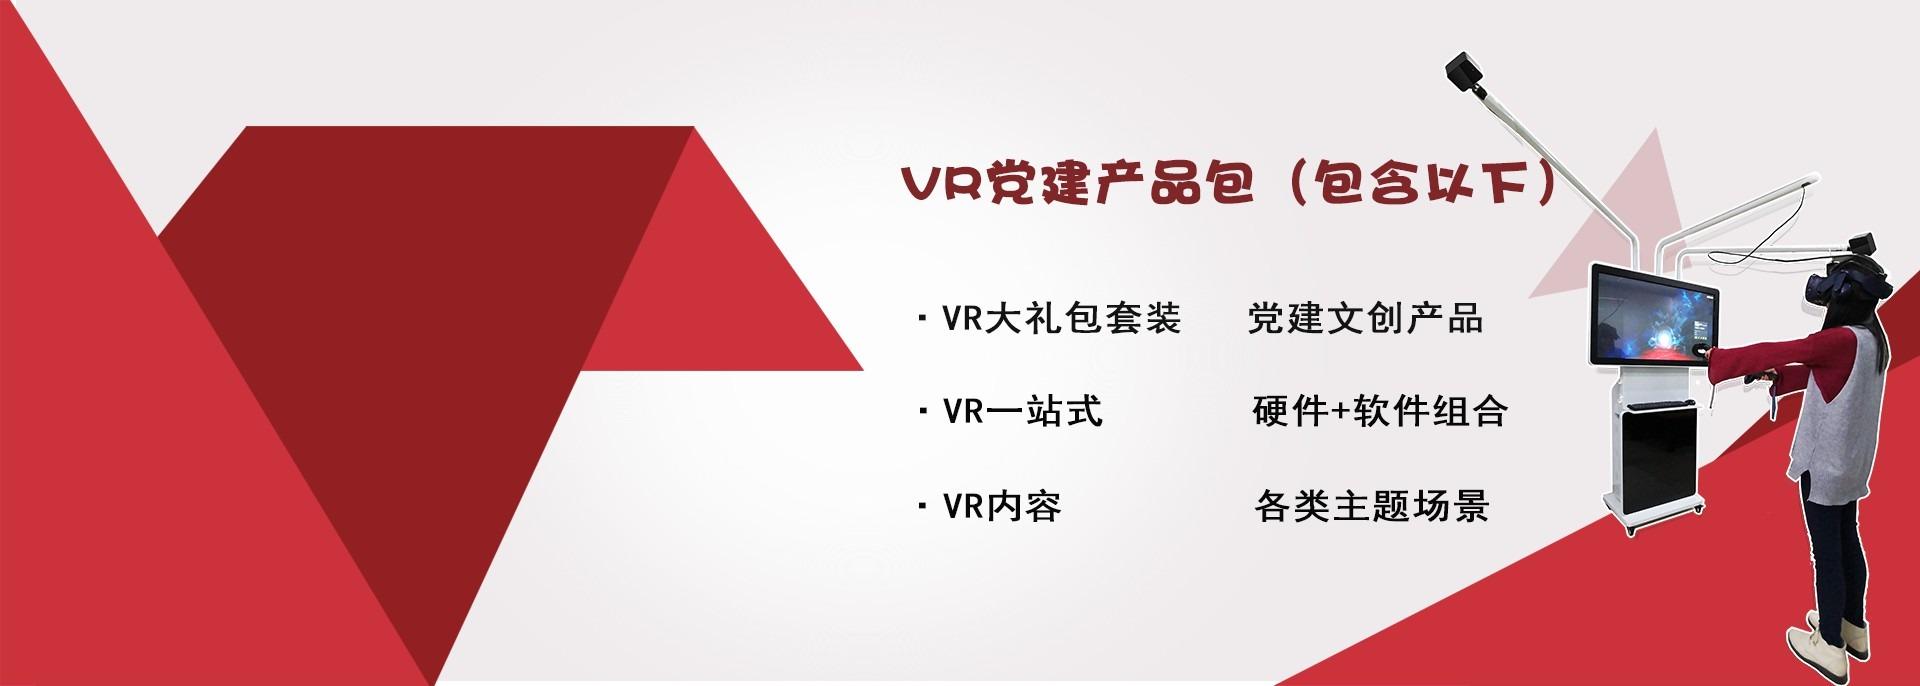 VR党建服务